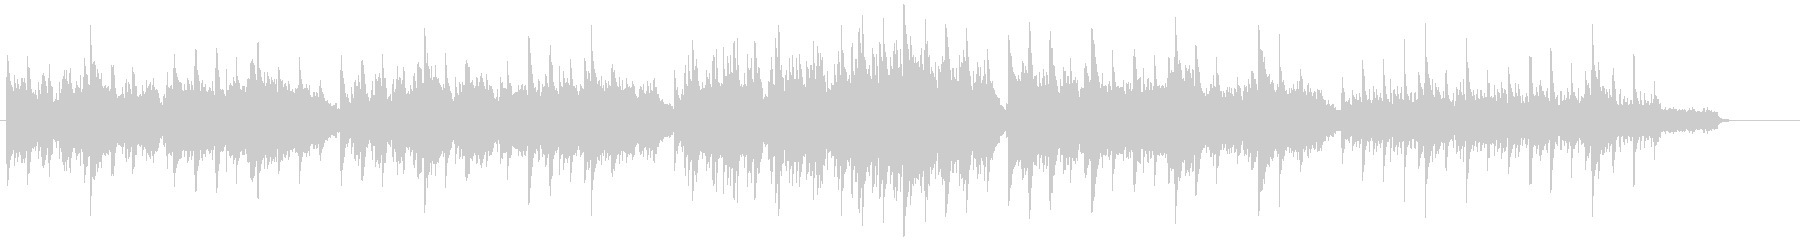 ピアノとストリングスの優しい曲調のBGMの未再生の波形